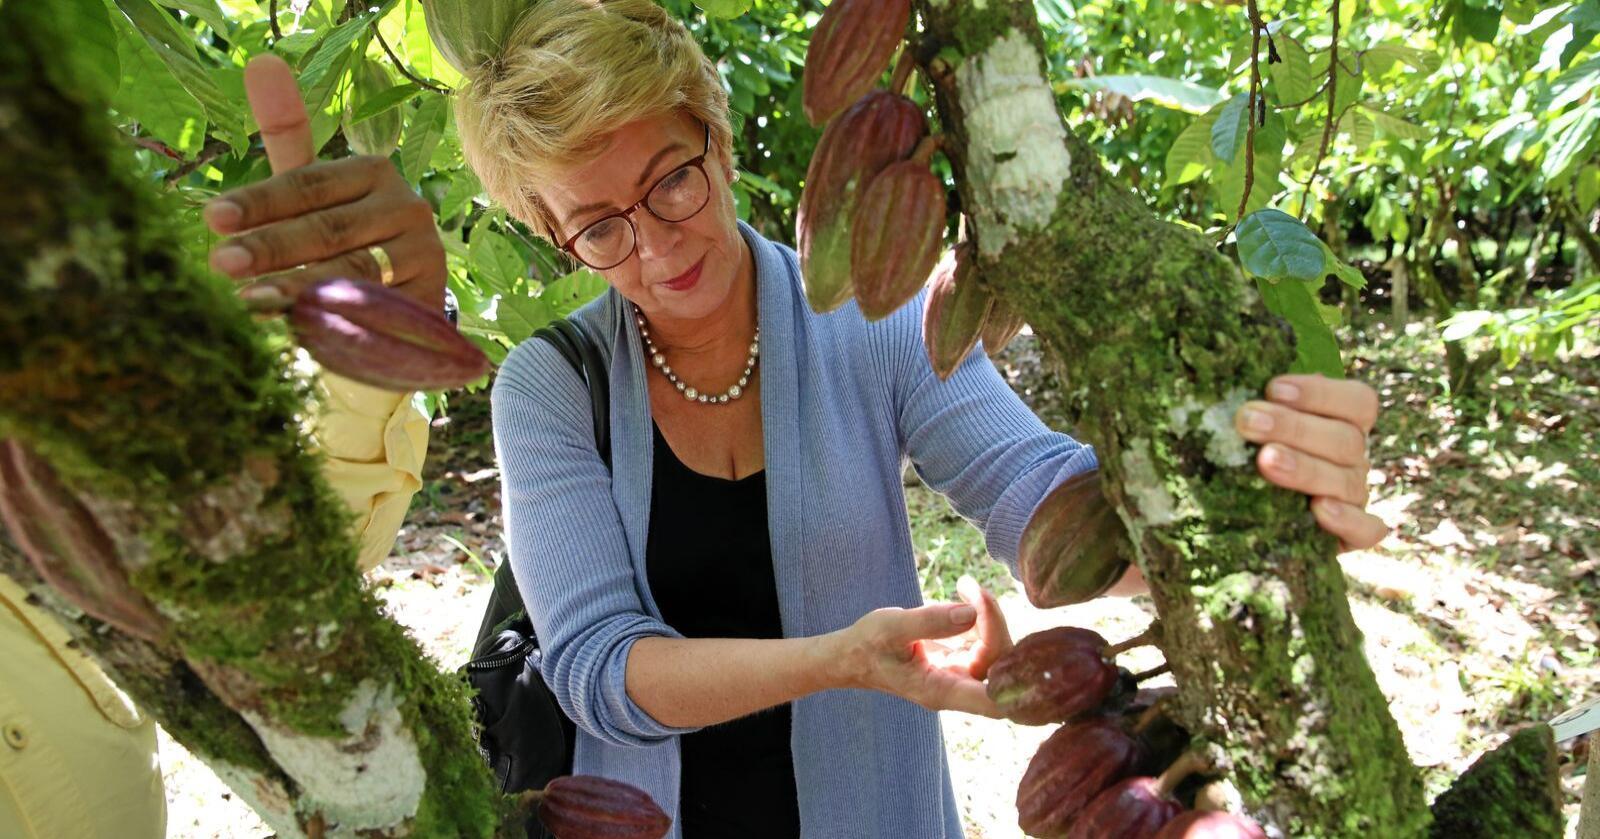 Matforsyning: Åslaug Haga, som er i leiargruppa for FNs fond for jordbruksutvikling, seier den globale matforsyninga har store utfordringar. Koronapandemi og endring i klimaet bør ifølgje Haga føre til ny debatt om styrka matberedskap. Her frå eit besøk i Cocoa Genbank (ICGT) i Trinidad. Foto: Crop Trust